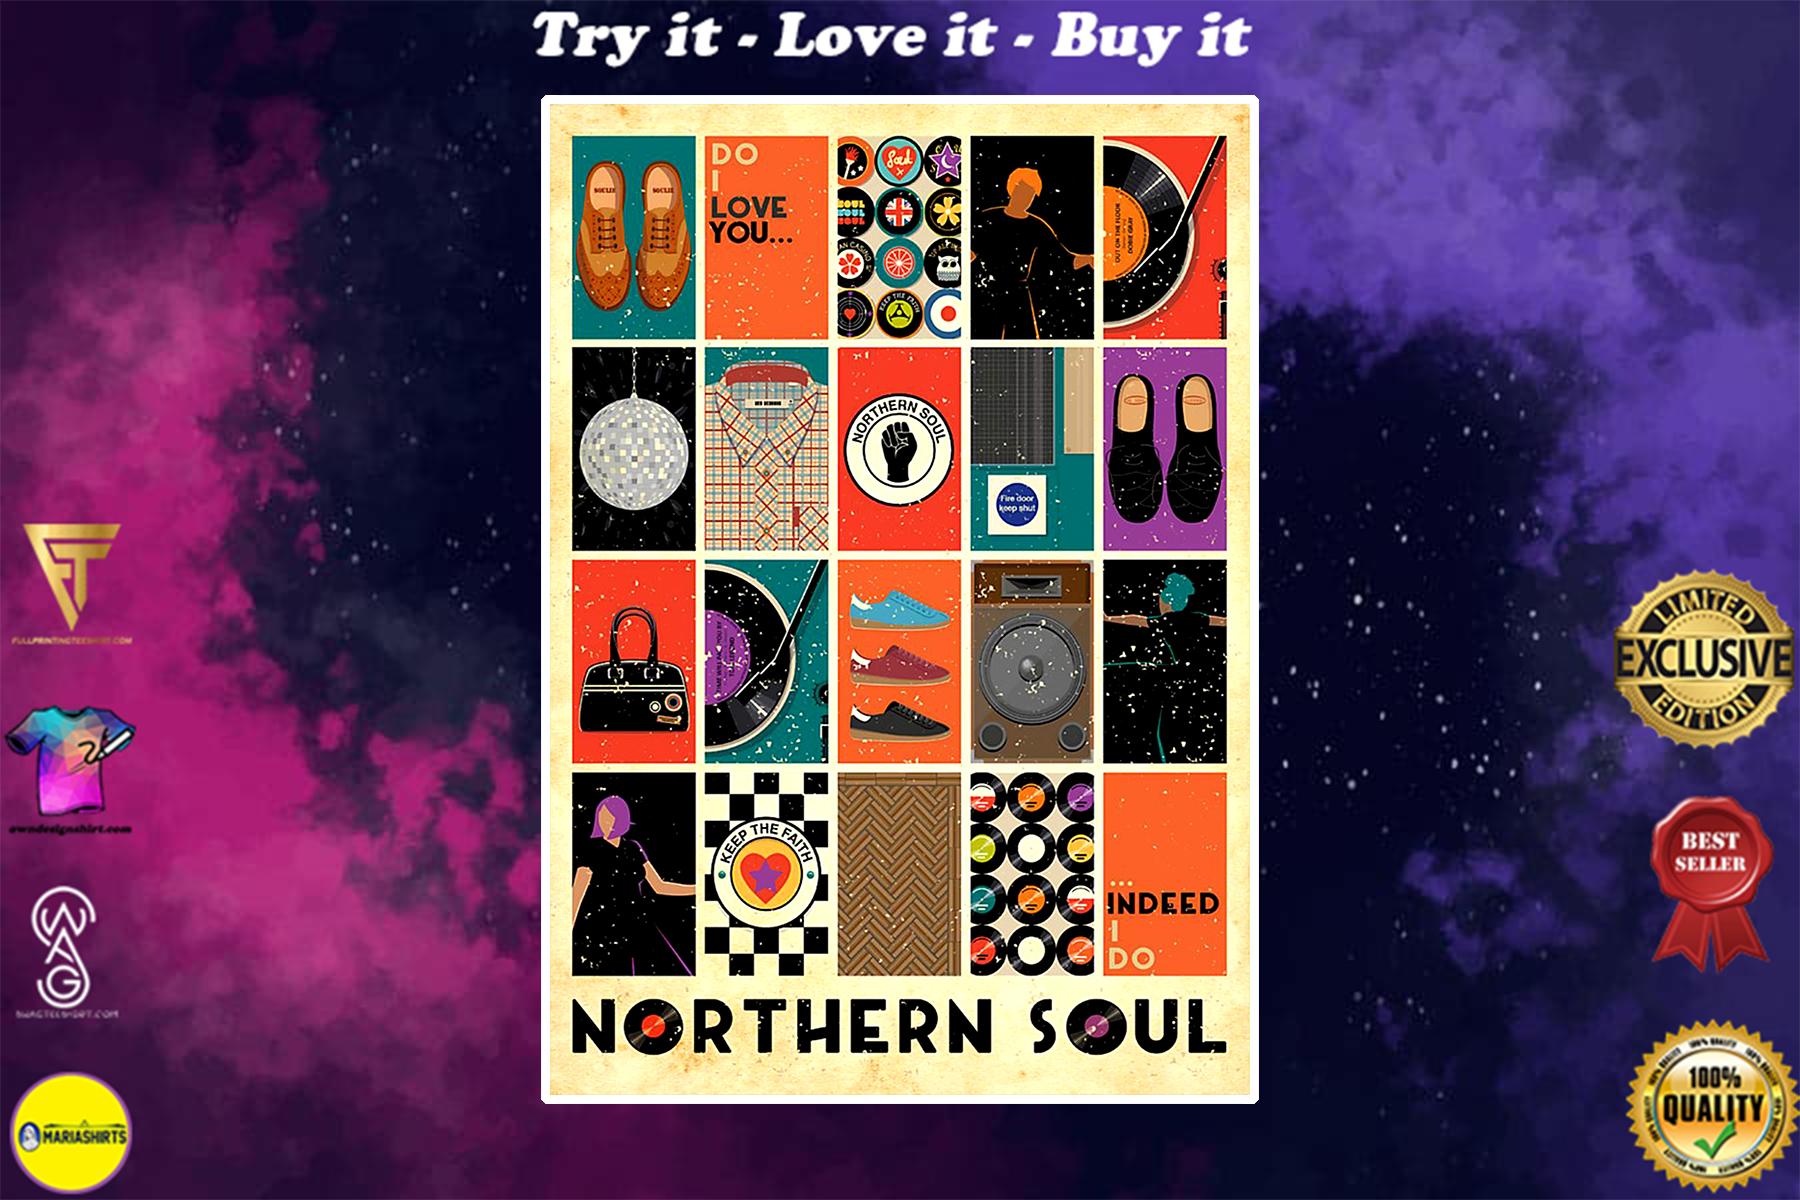 vintage northern soul poster